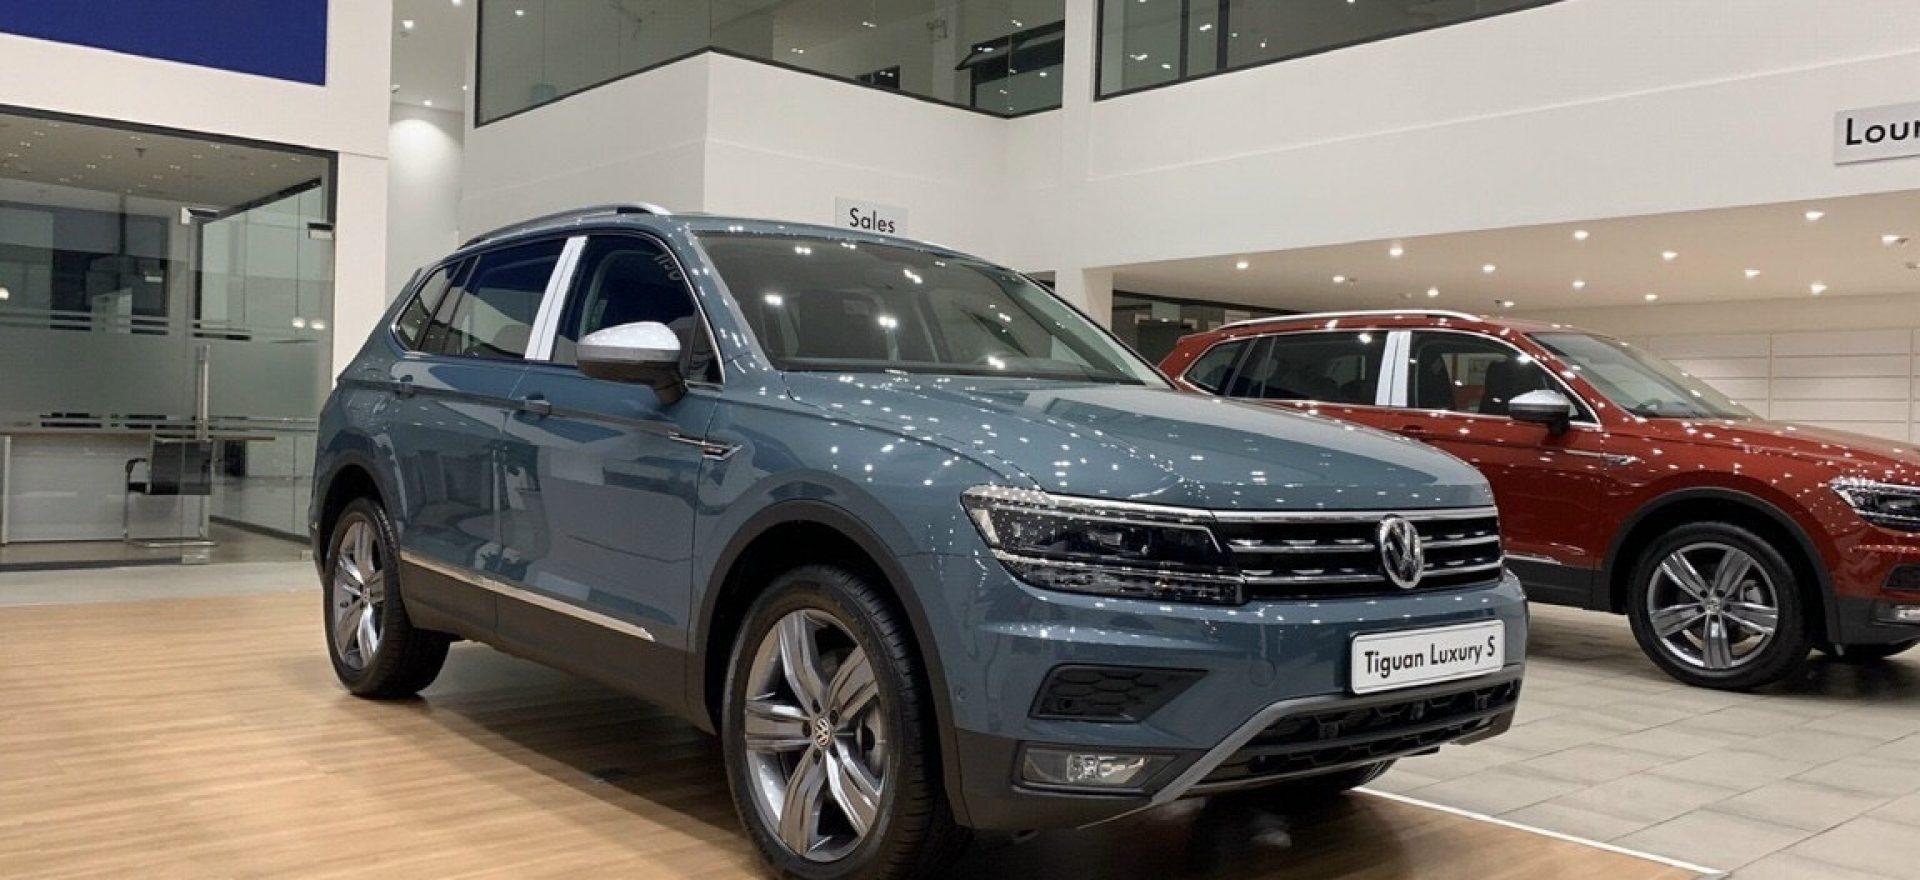 Volkswagen-tiguan-luxury-s 2021 - Volkswagen Sai Gon